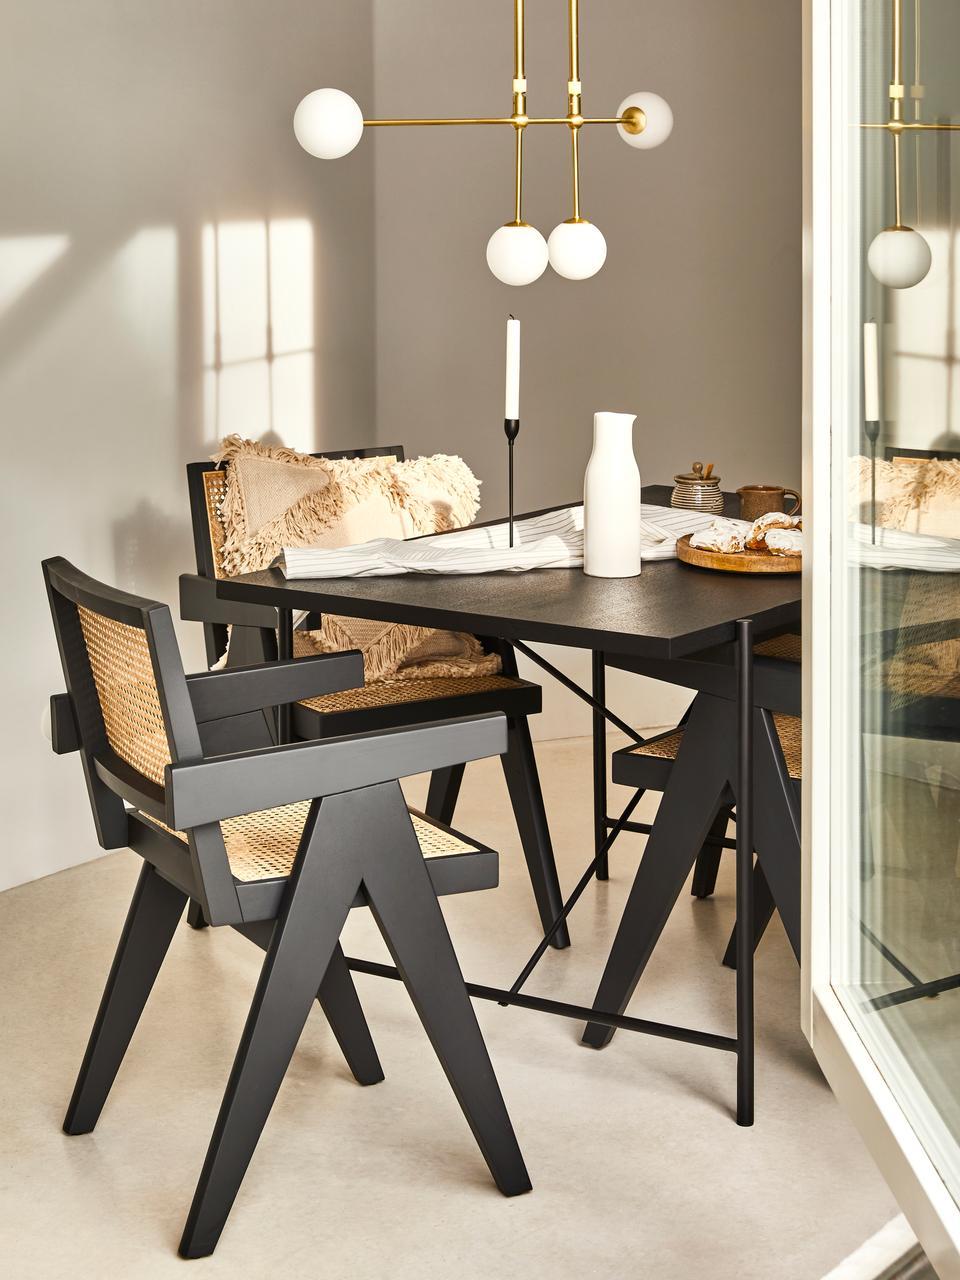 Table avec plateau en bois noir Mica, Plateau: placage en bois de chêne, laqué noir Pieds: noir, mat